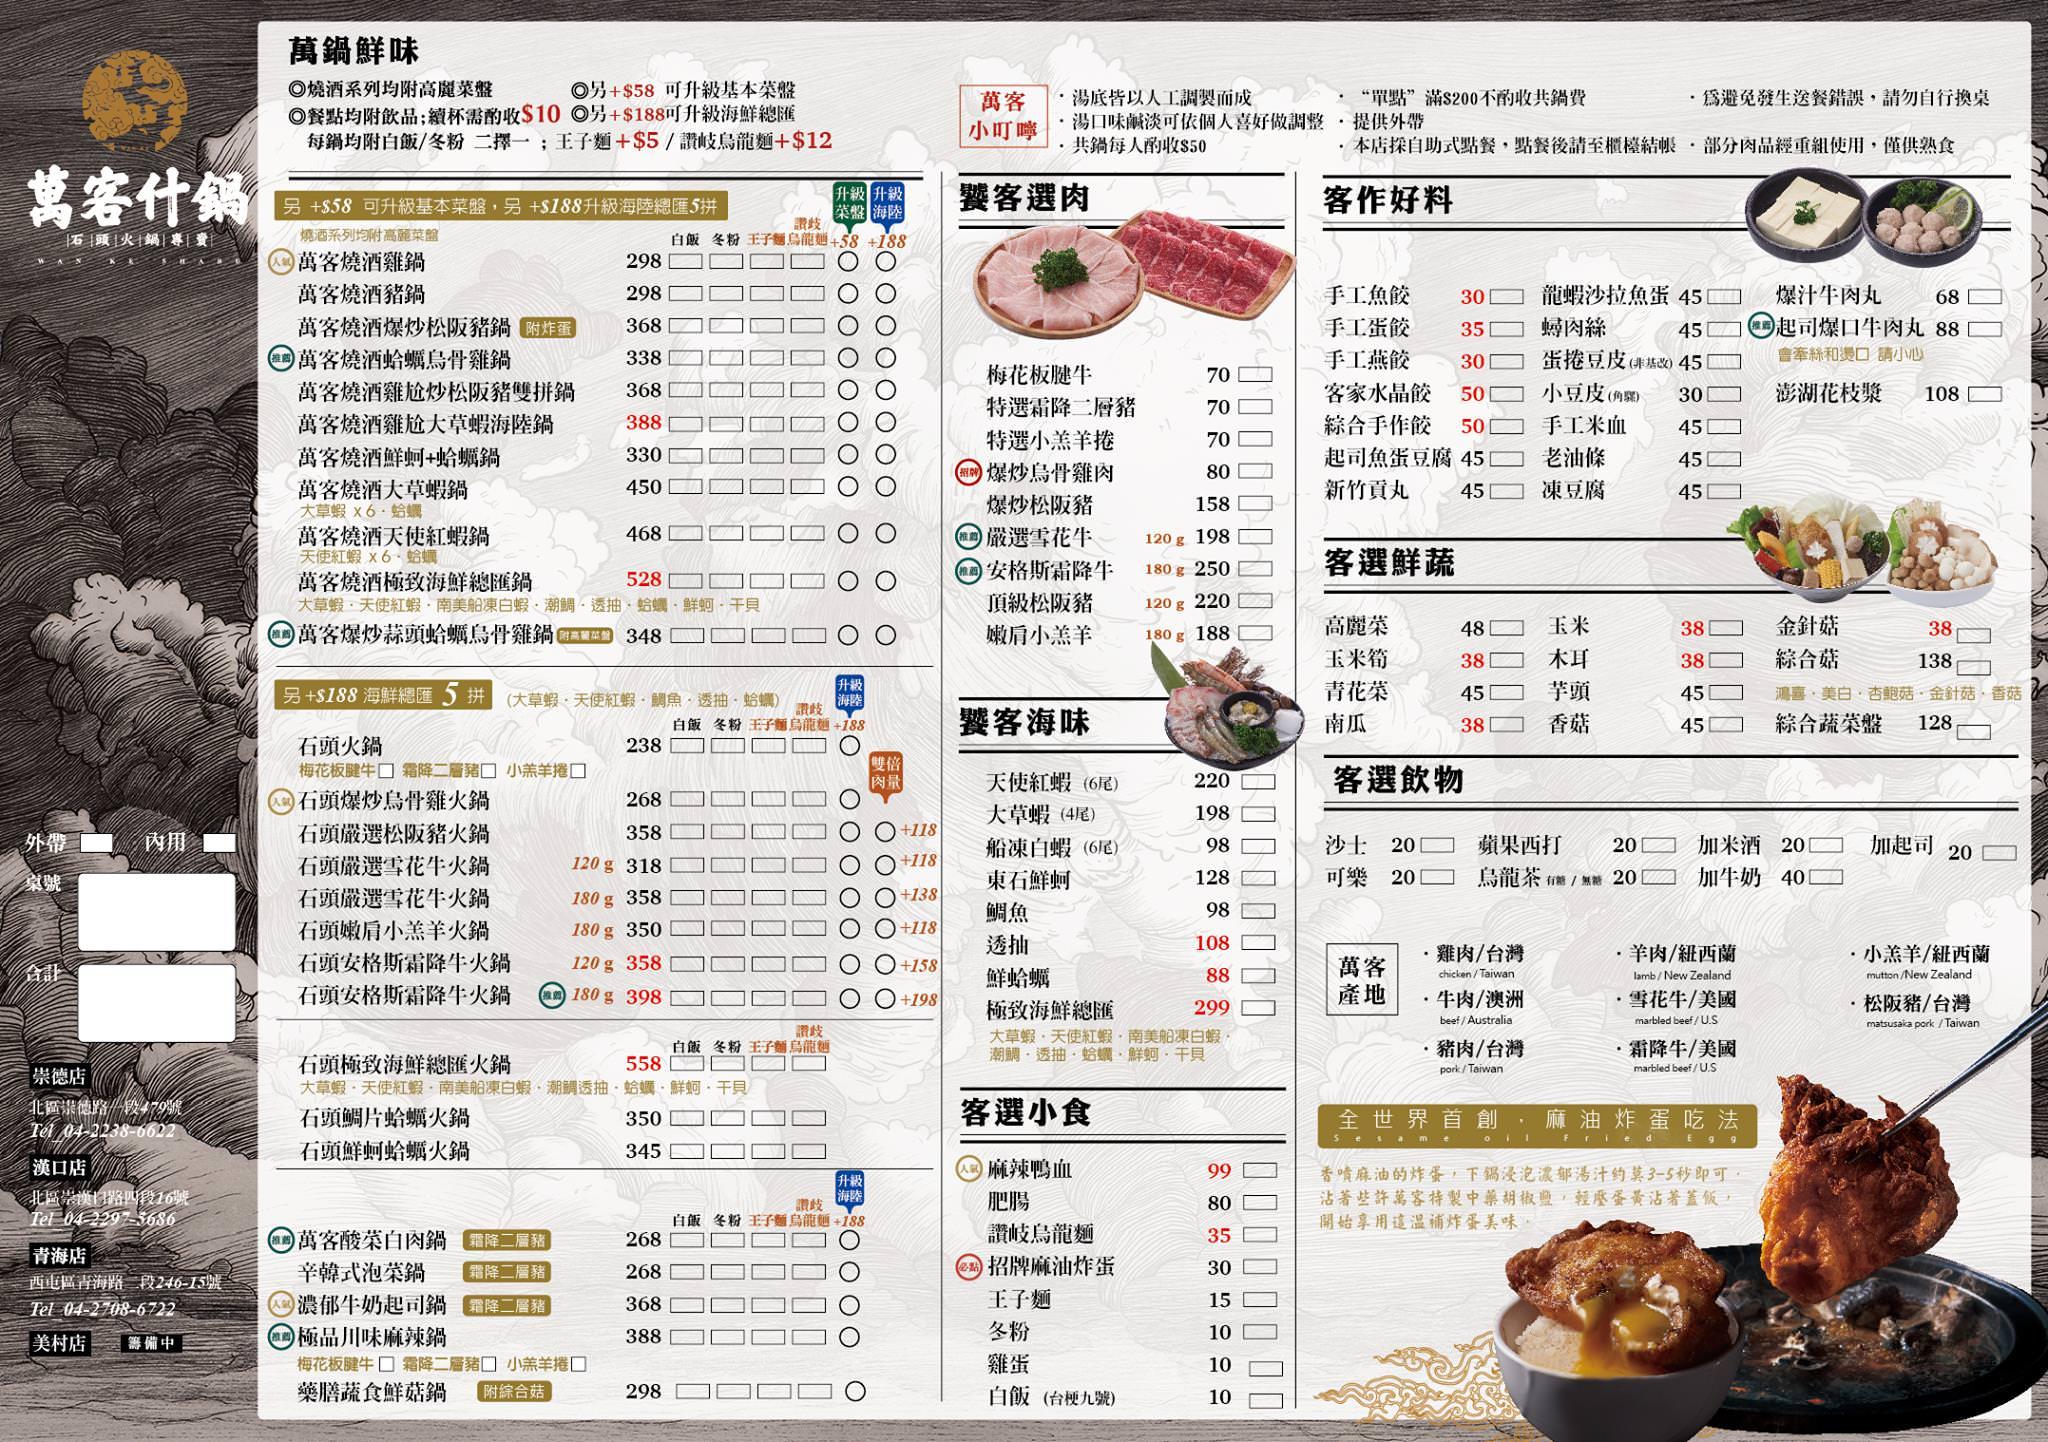 20180201191239 61 - 萬客什鍋崇德店在寒冷的冬天裡開幕~平日也要搶著吃鍋!